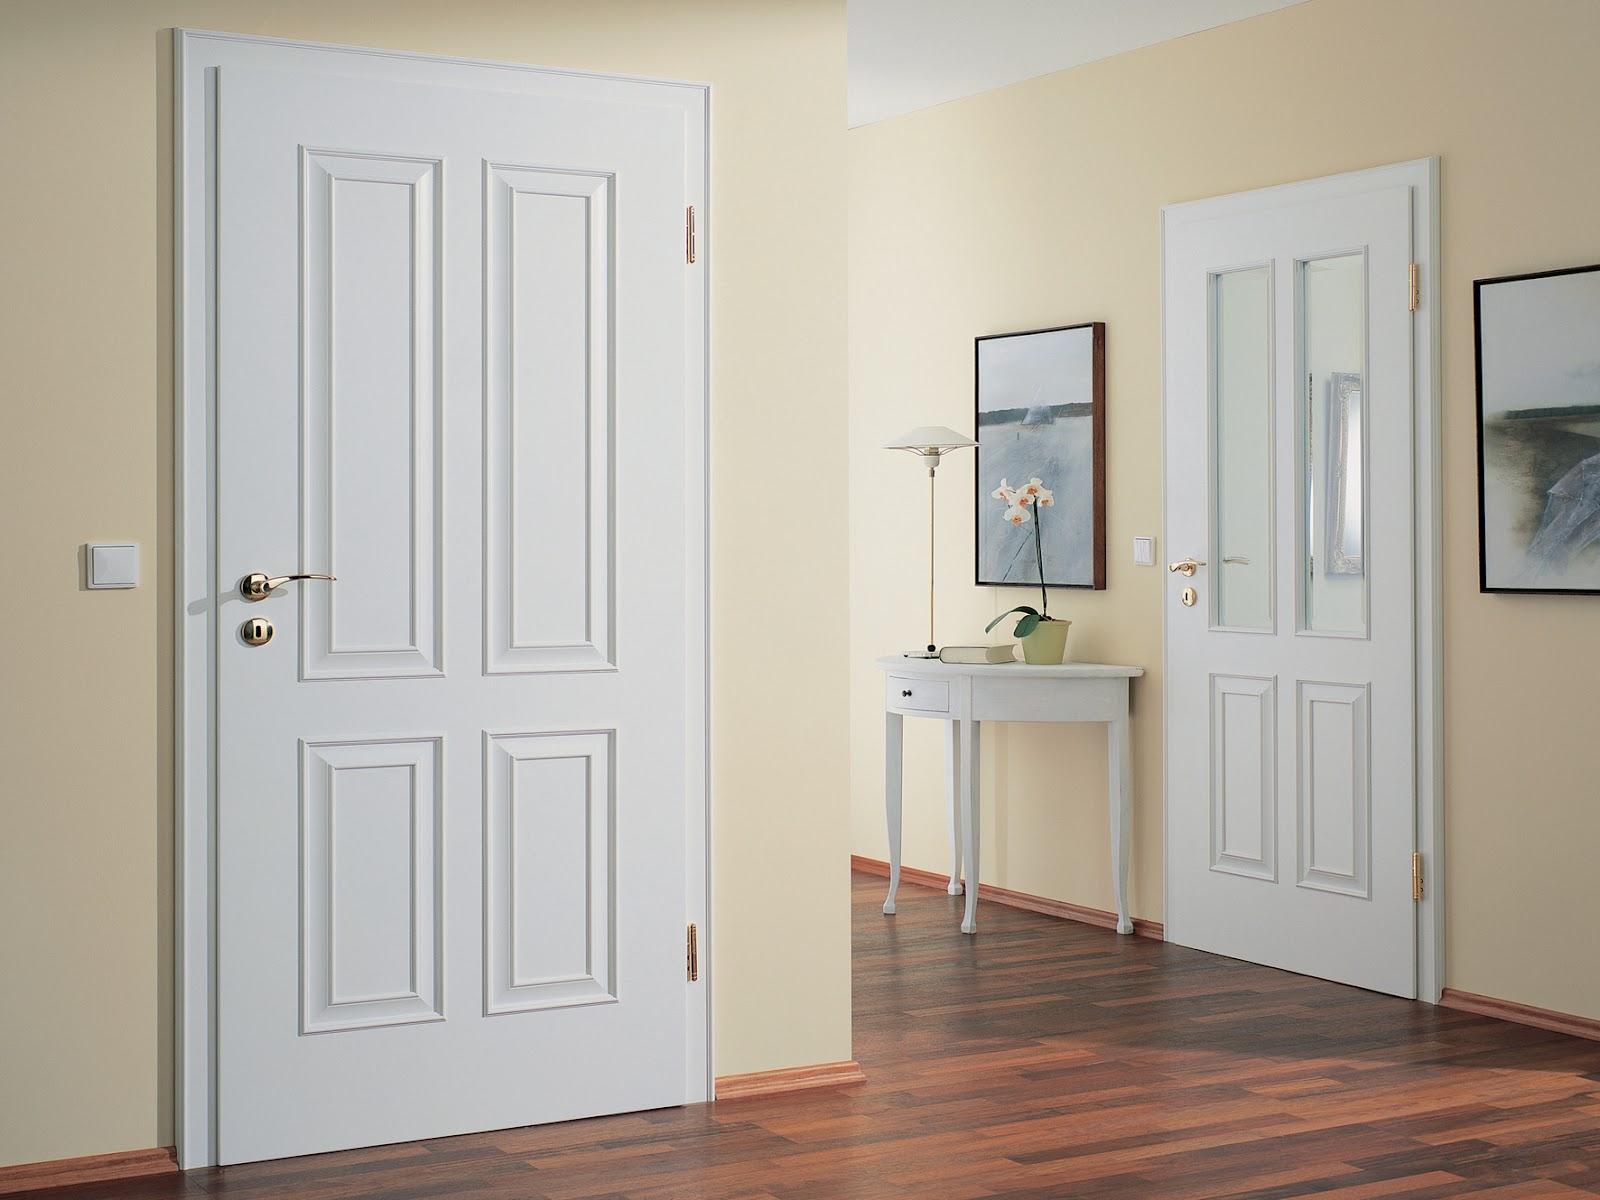 Сочетание цвета пола и дверей в интерьере